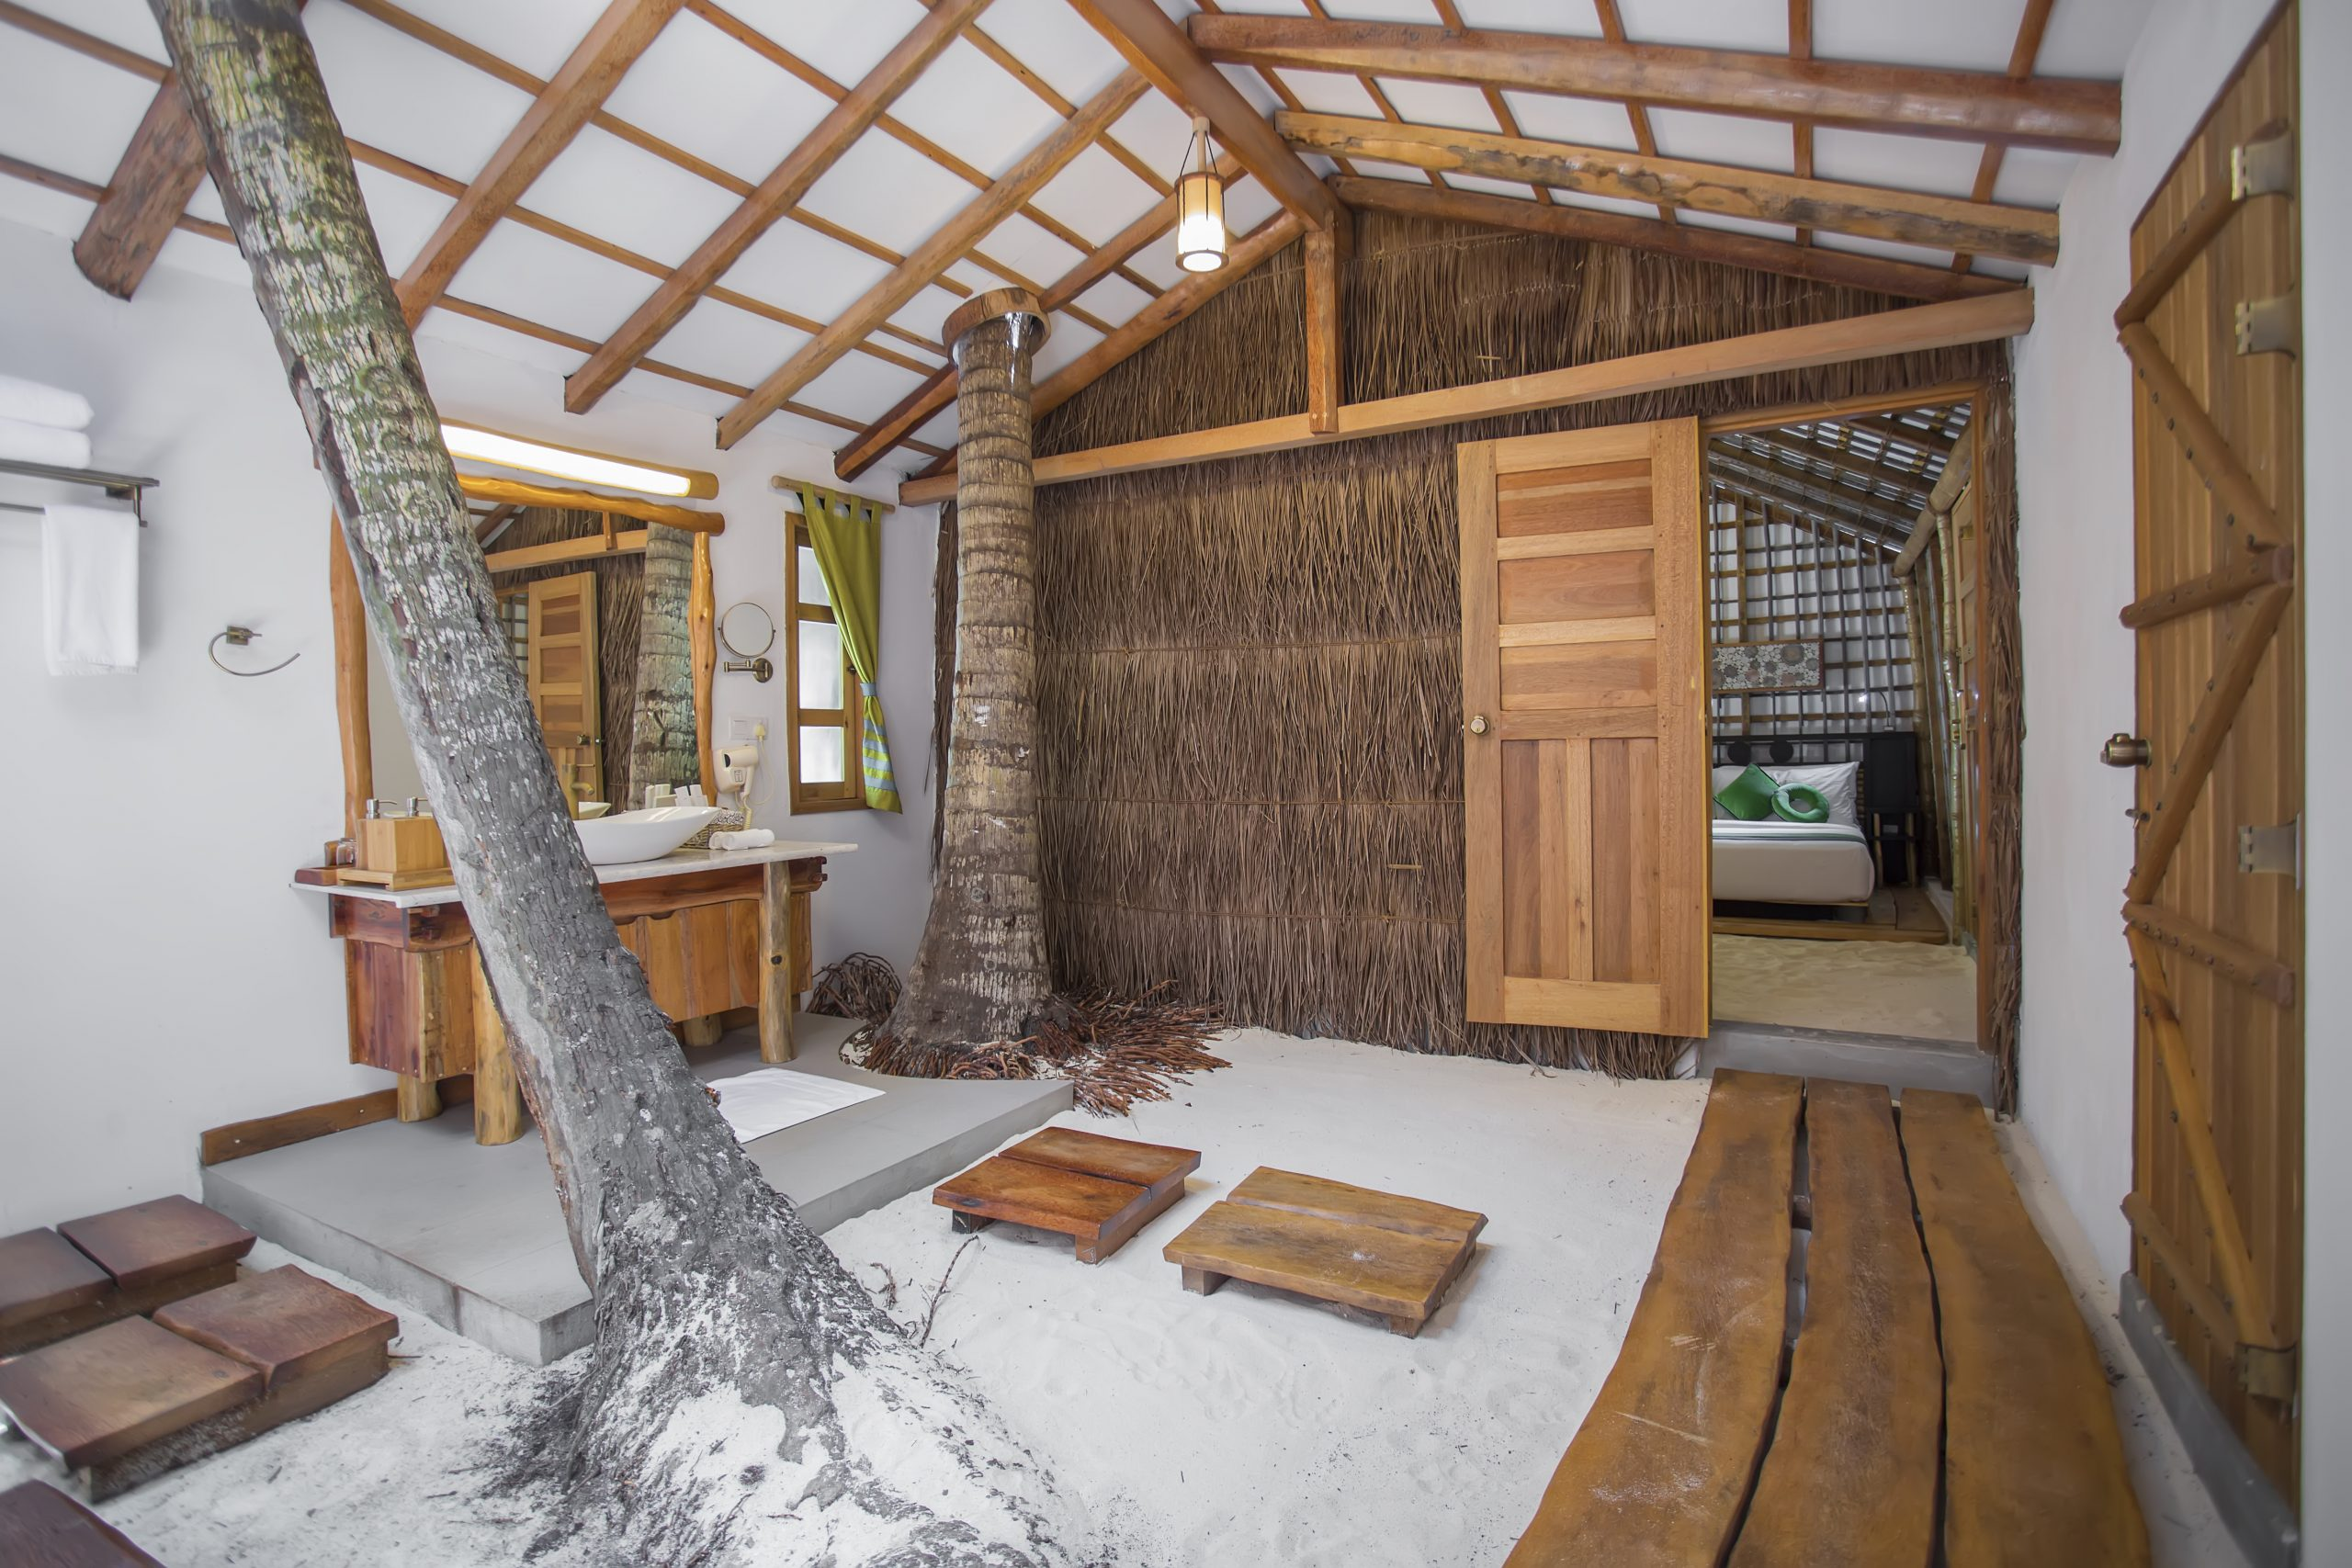 房型内部设施图片参考,如无边泳池与电视及音响, 花园房-Kotari maldievs(艾菲伊自然度假岛 AaaVeee Nature